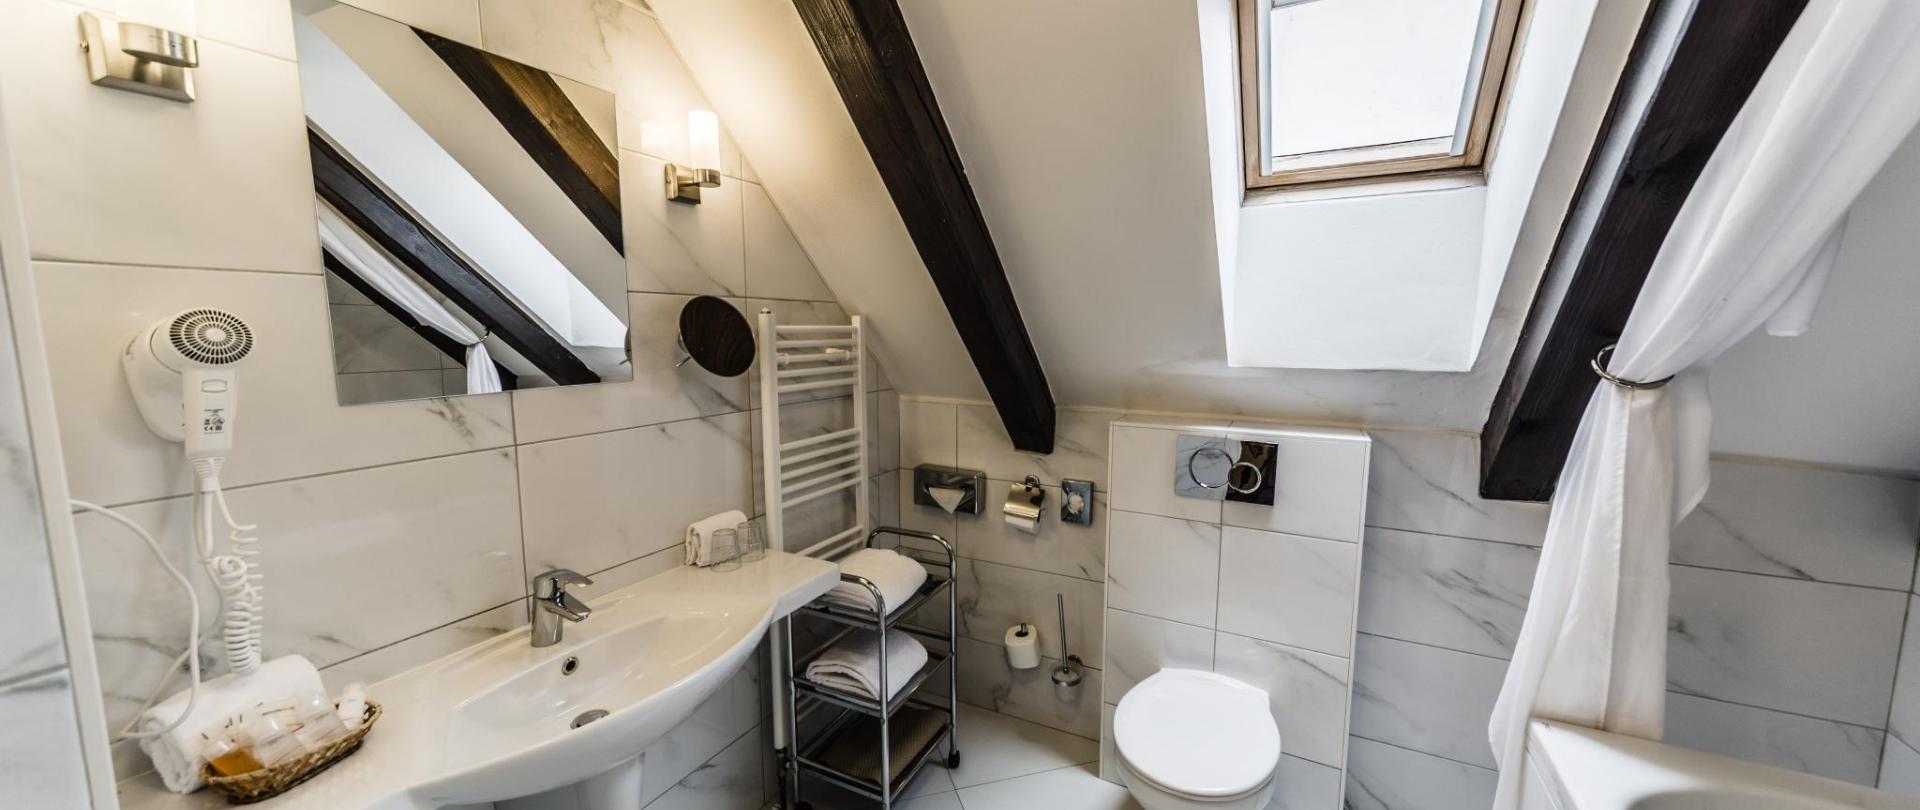 Dvoulůžkový pokoj s výhledem na řeku_koupelna_1.jpg